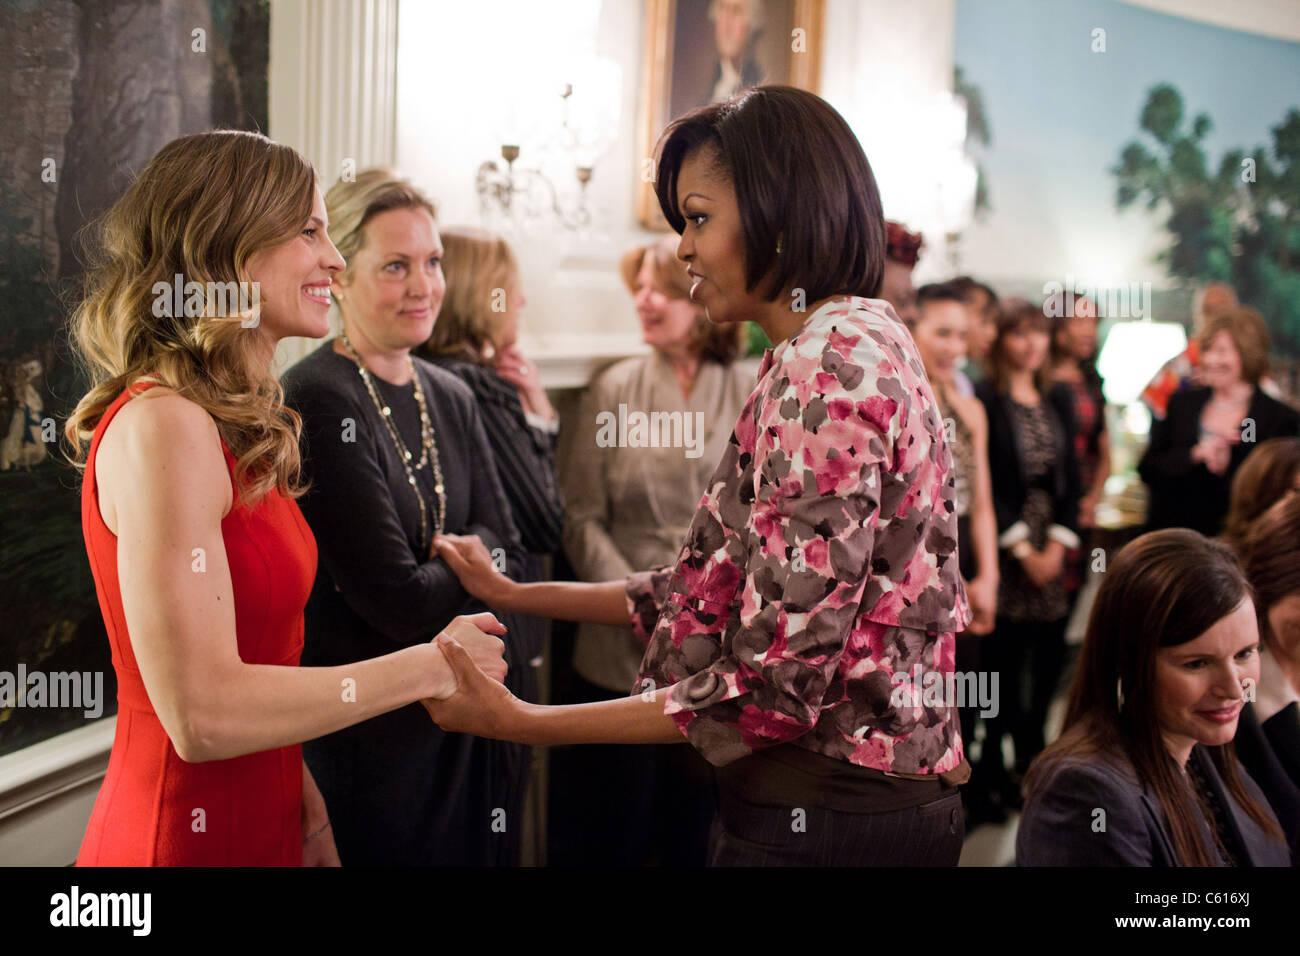 Michelle Obama begrüßt Schauspielerin Hilary Swank im Weißen Haus. Swank war einer der namhaften Stockbild